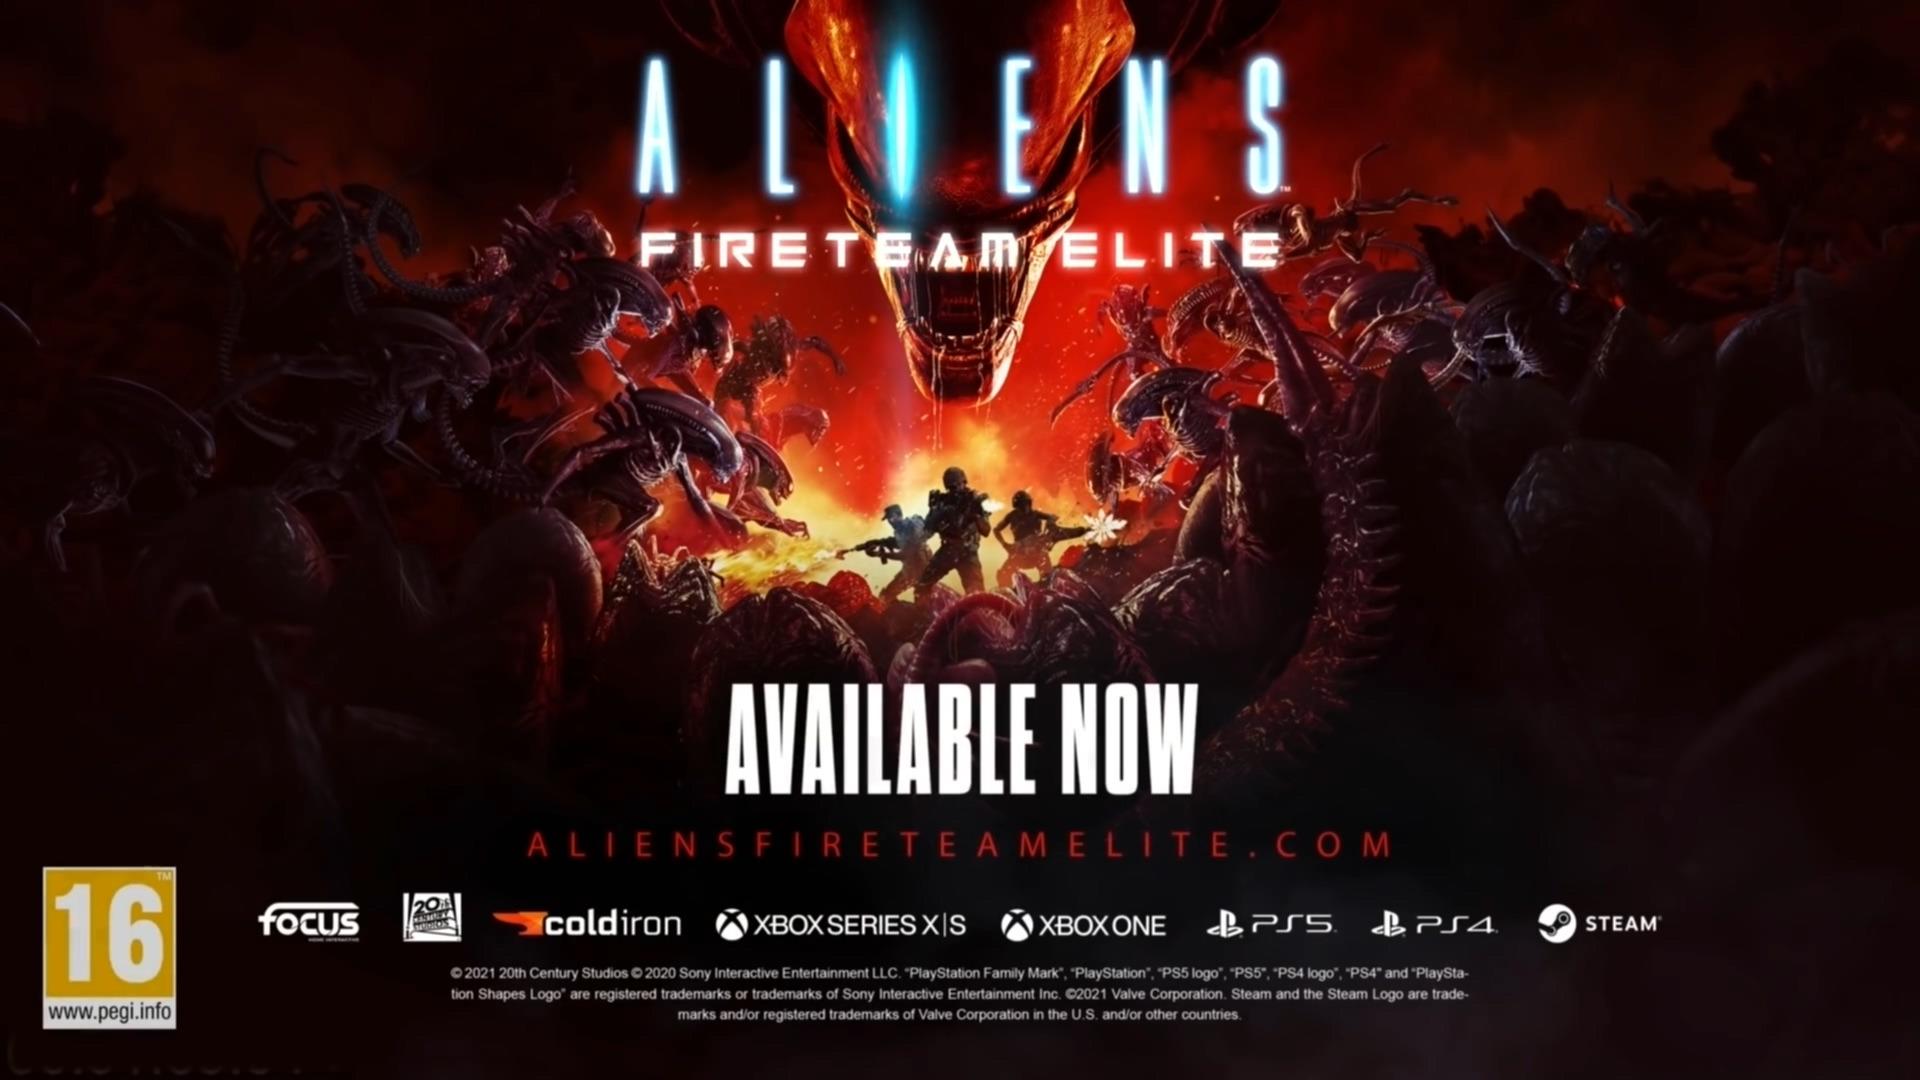 Trailer, Shooter, actionspiel, Aliens, Focus Home Interactive, Koop, Alien, Aliens: Fireteam Elite, Cold Iron Studios, Fireteam Elite